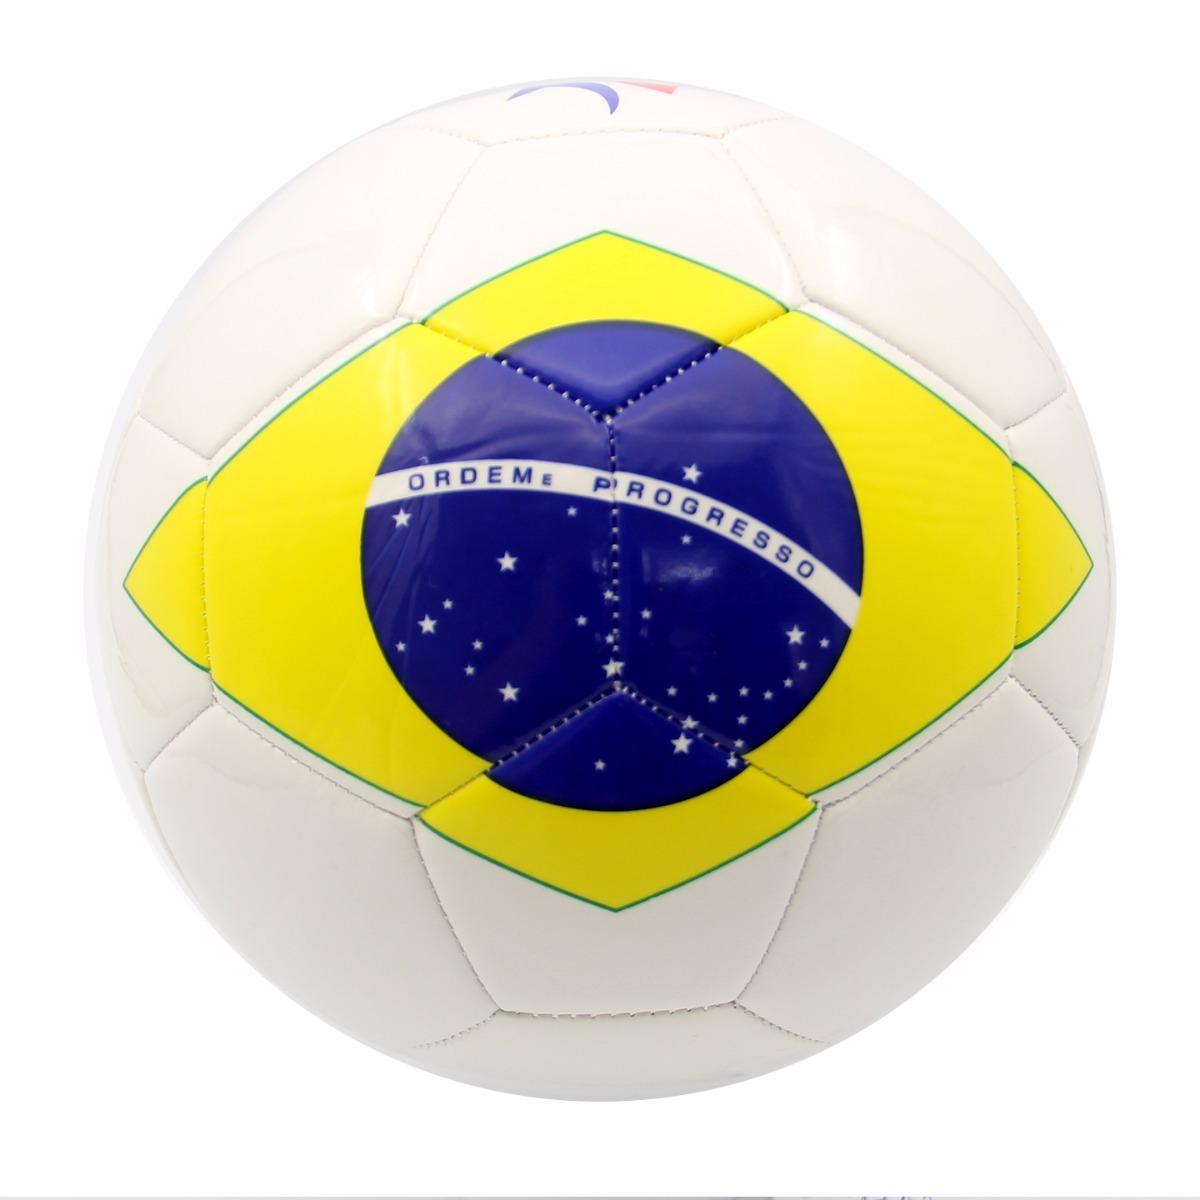 bola de futebol campo  quadra brasil couro sintético costura. Carregando  zoom. 59ace7ee159e8